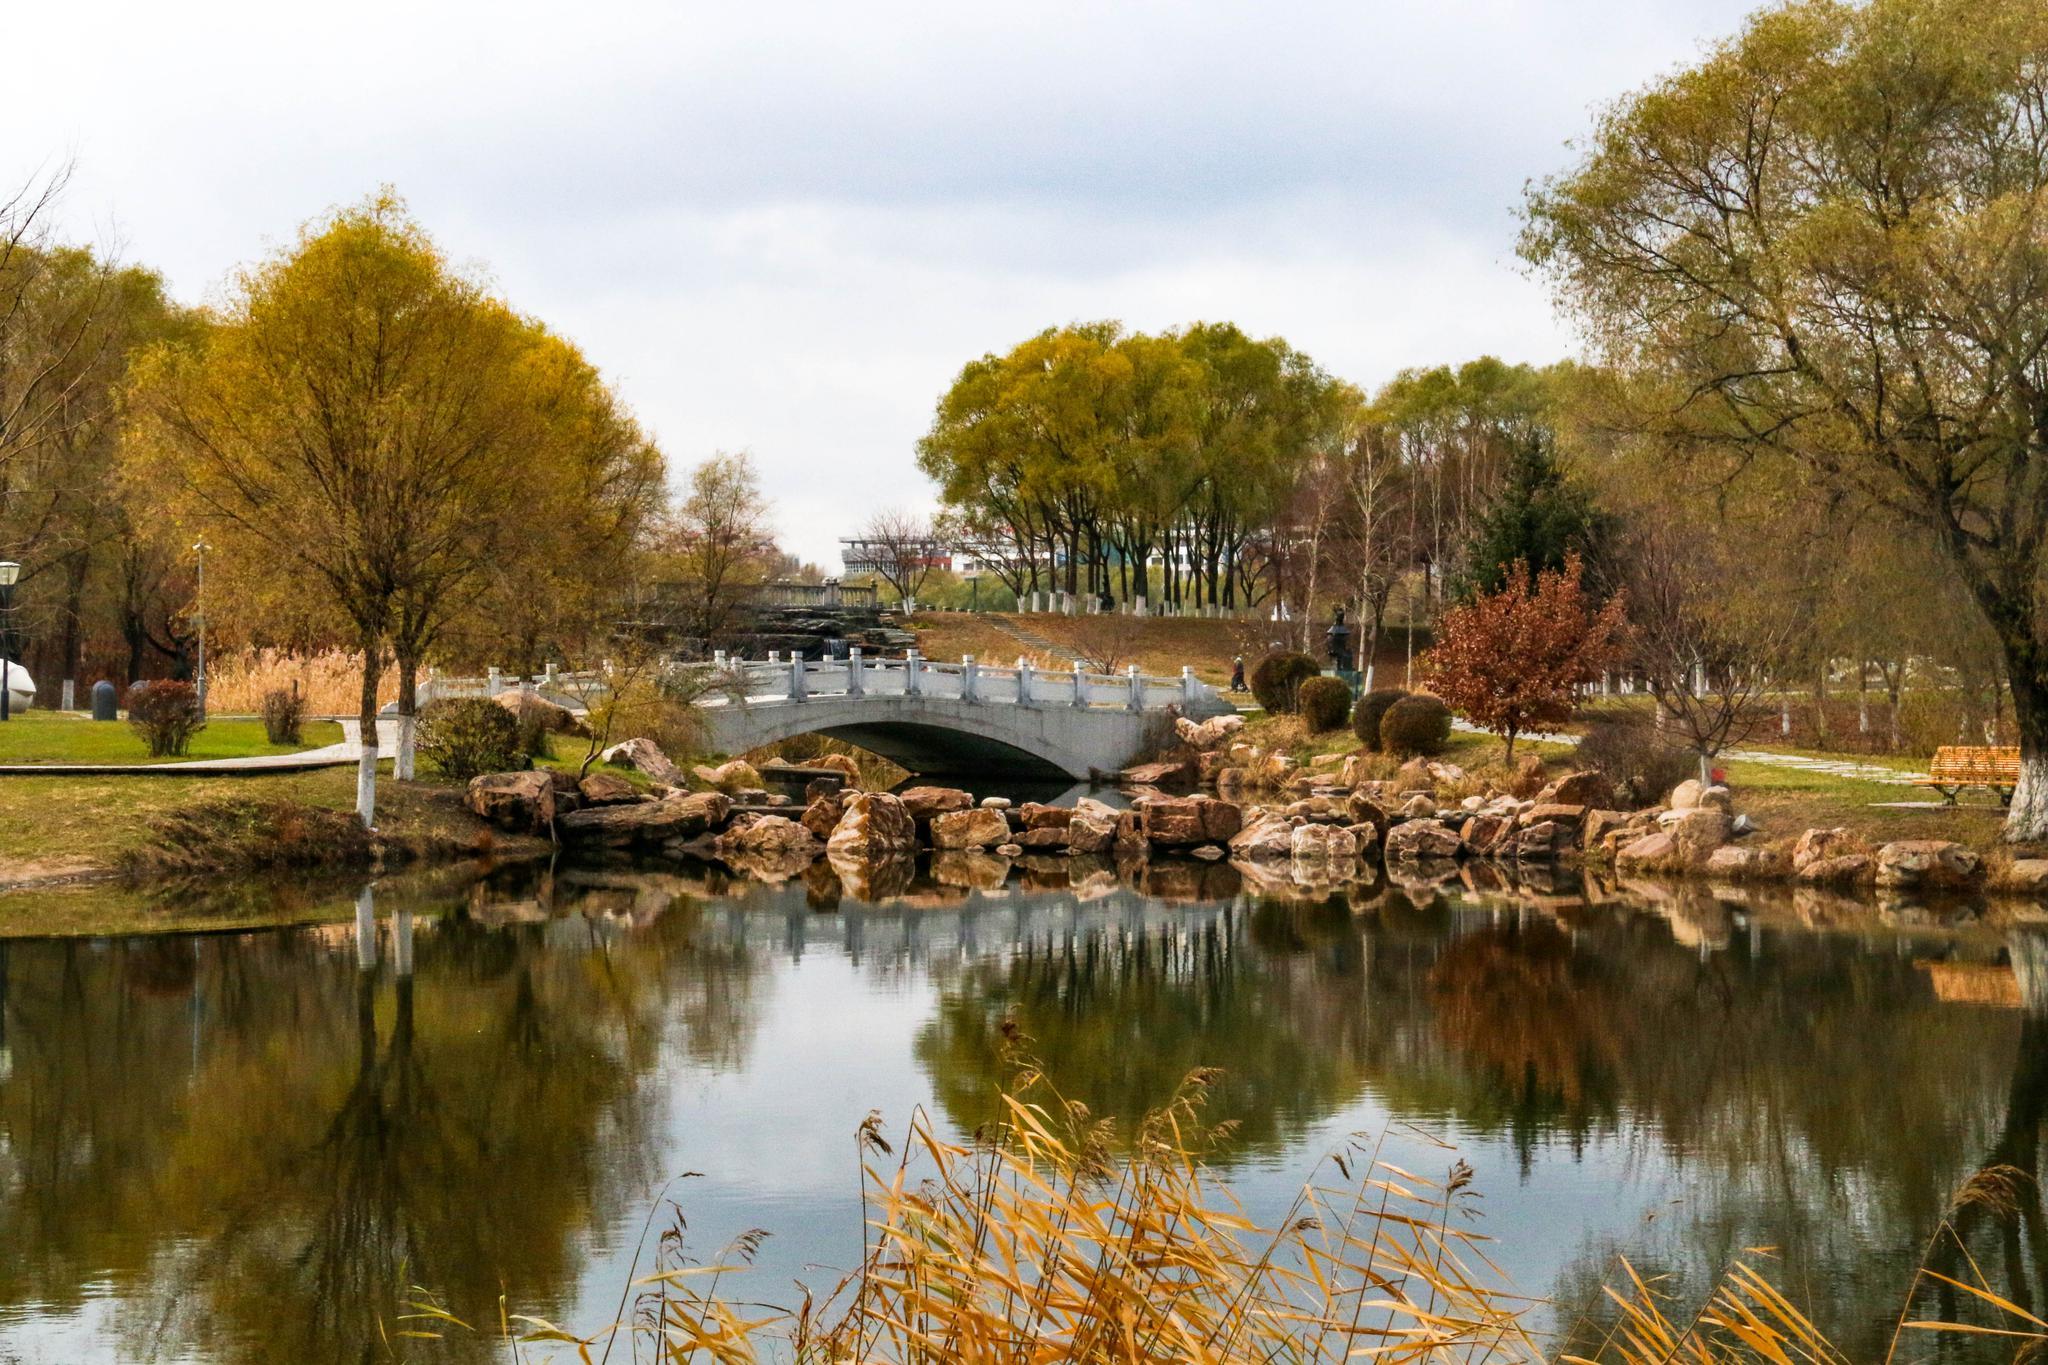 雕塑公园:微阳下乔木 远色隐秋山